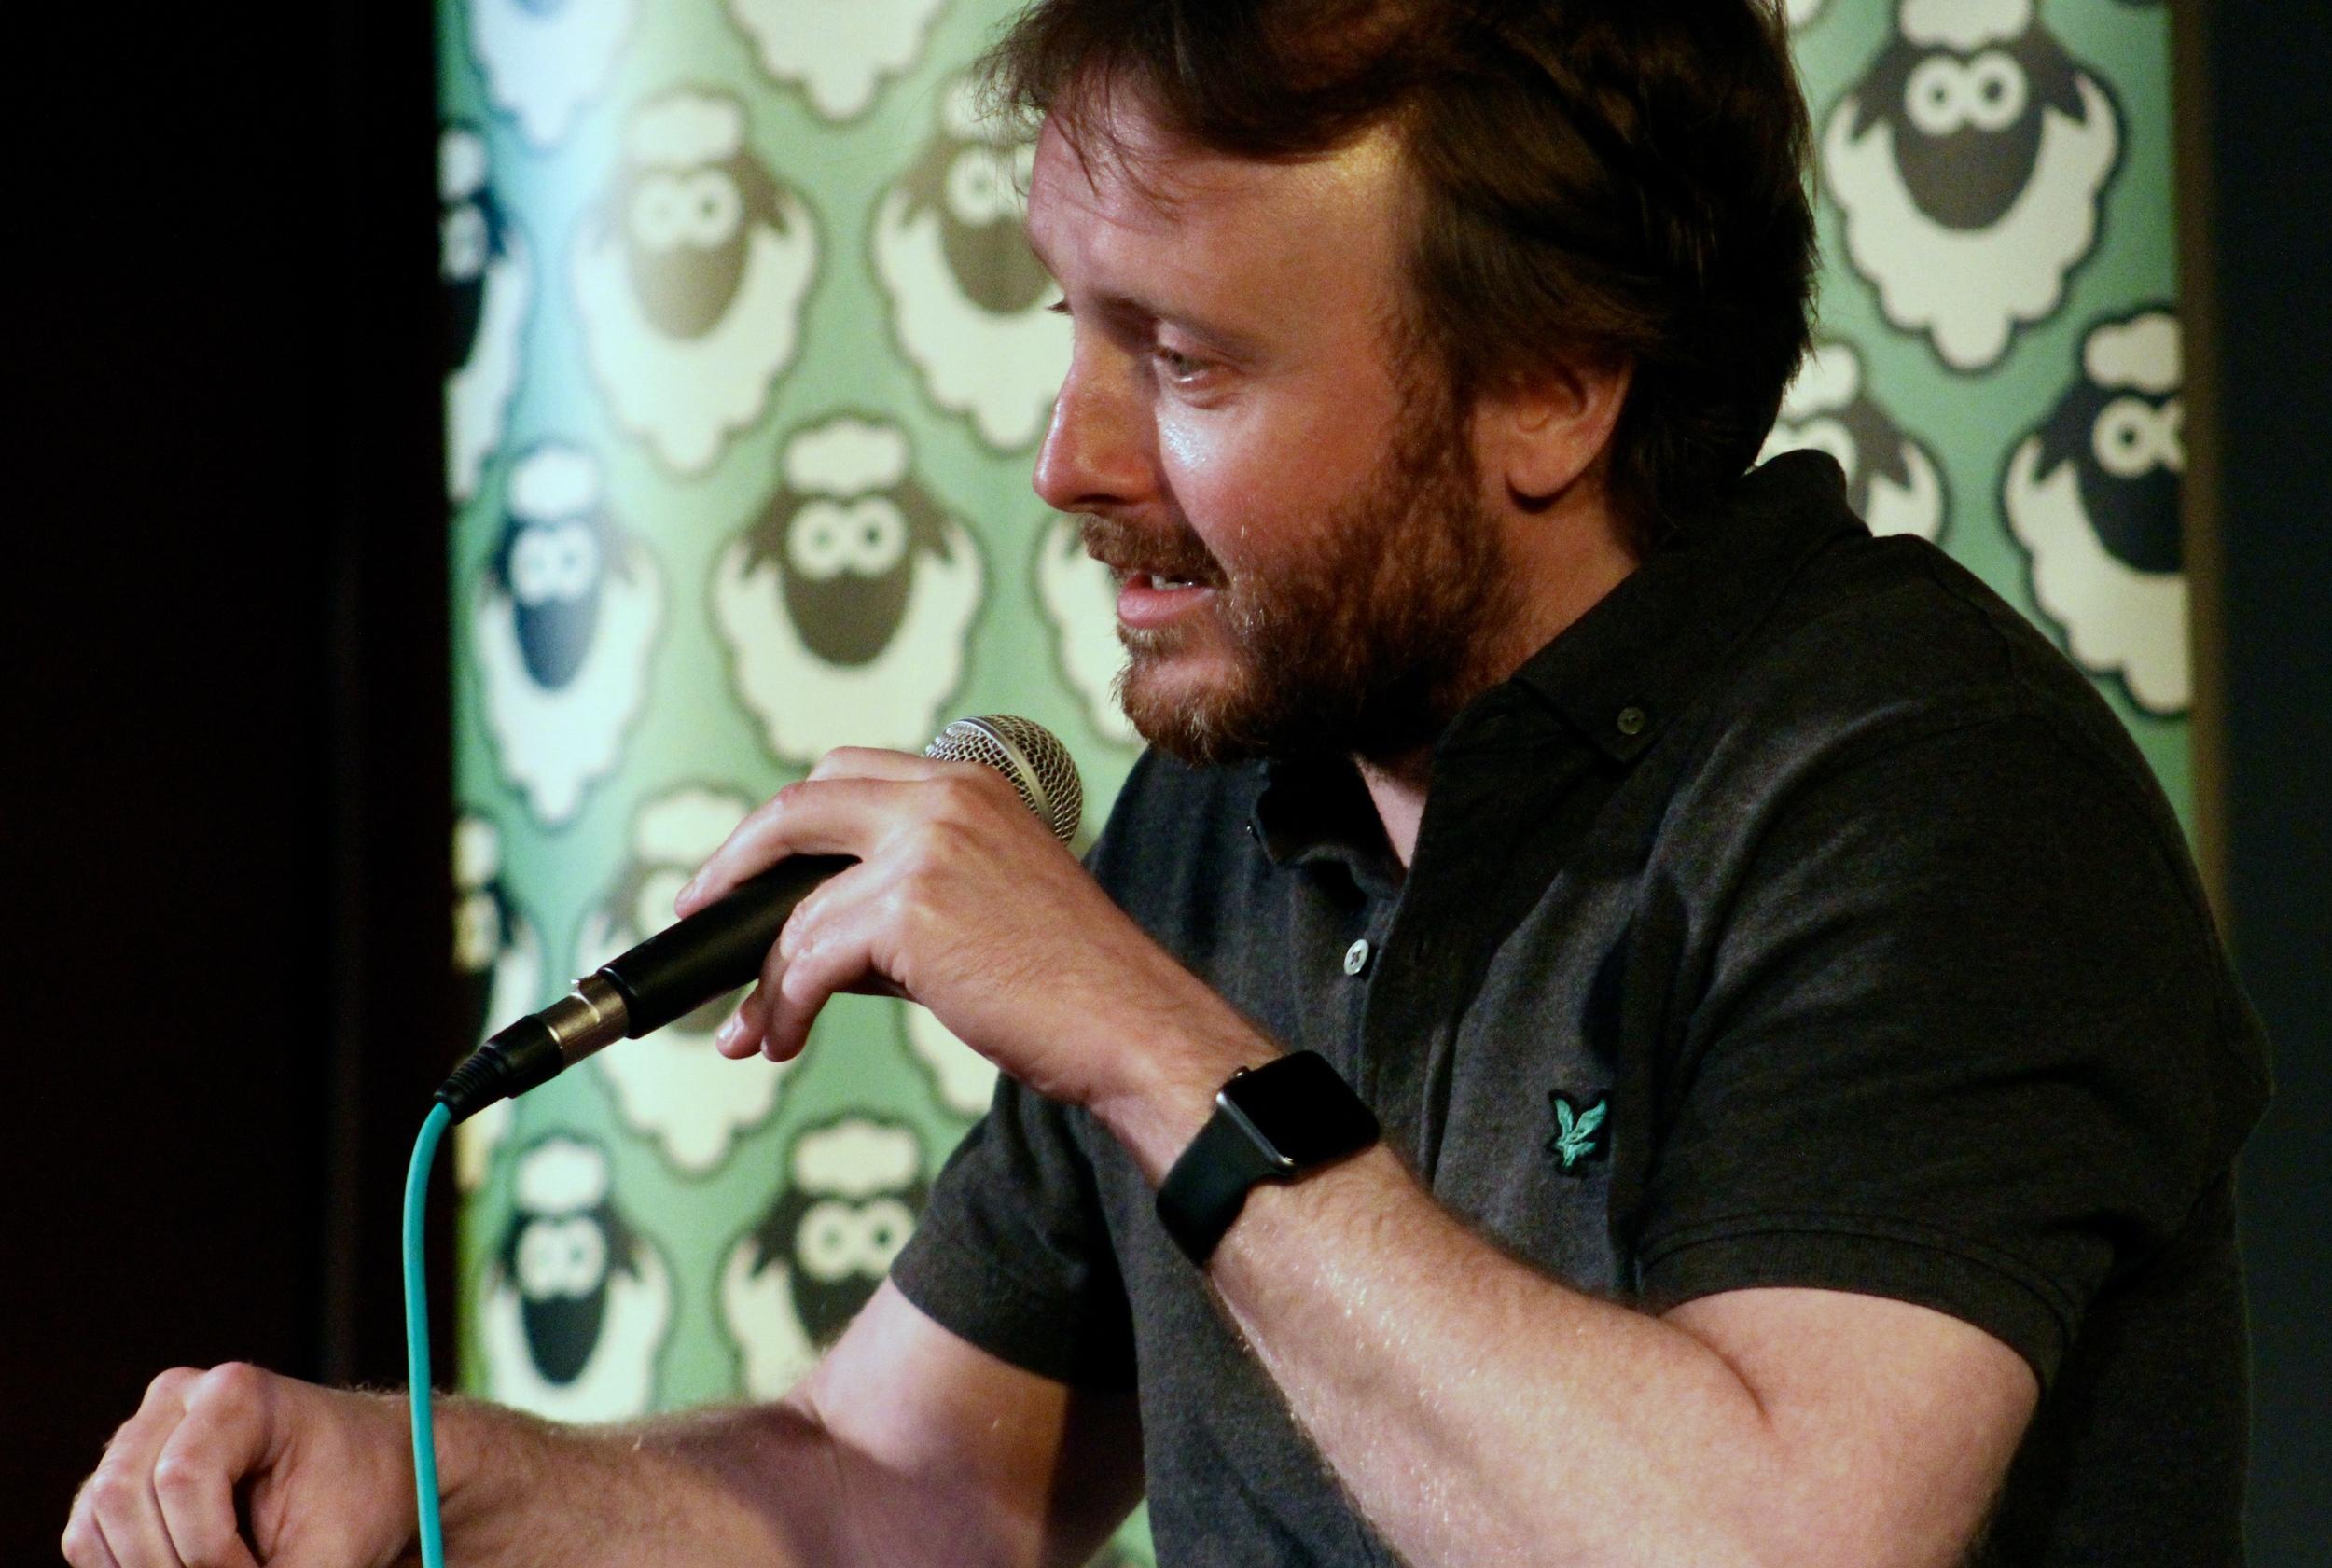 Chris McCausland at Woodstock Social Club